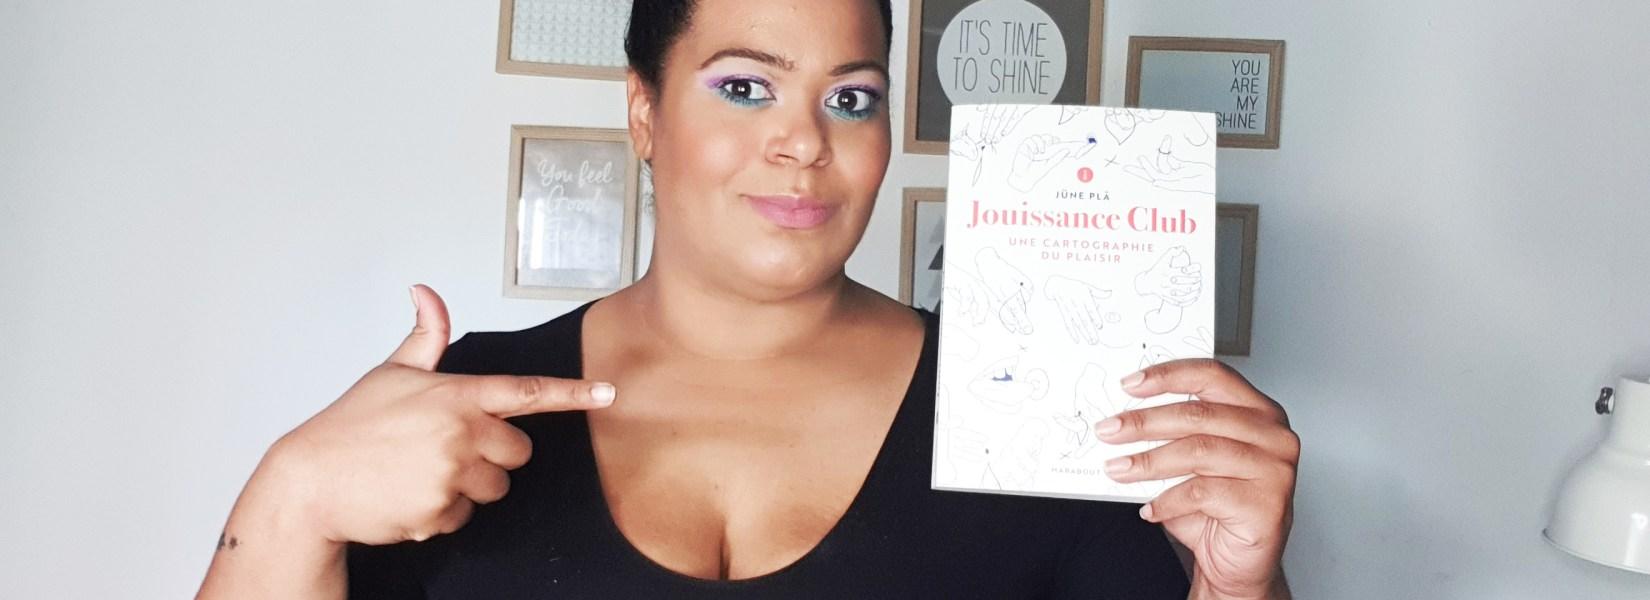 J'ai lu « jouissance club » de Jüne Plâ aux éditions Marabout